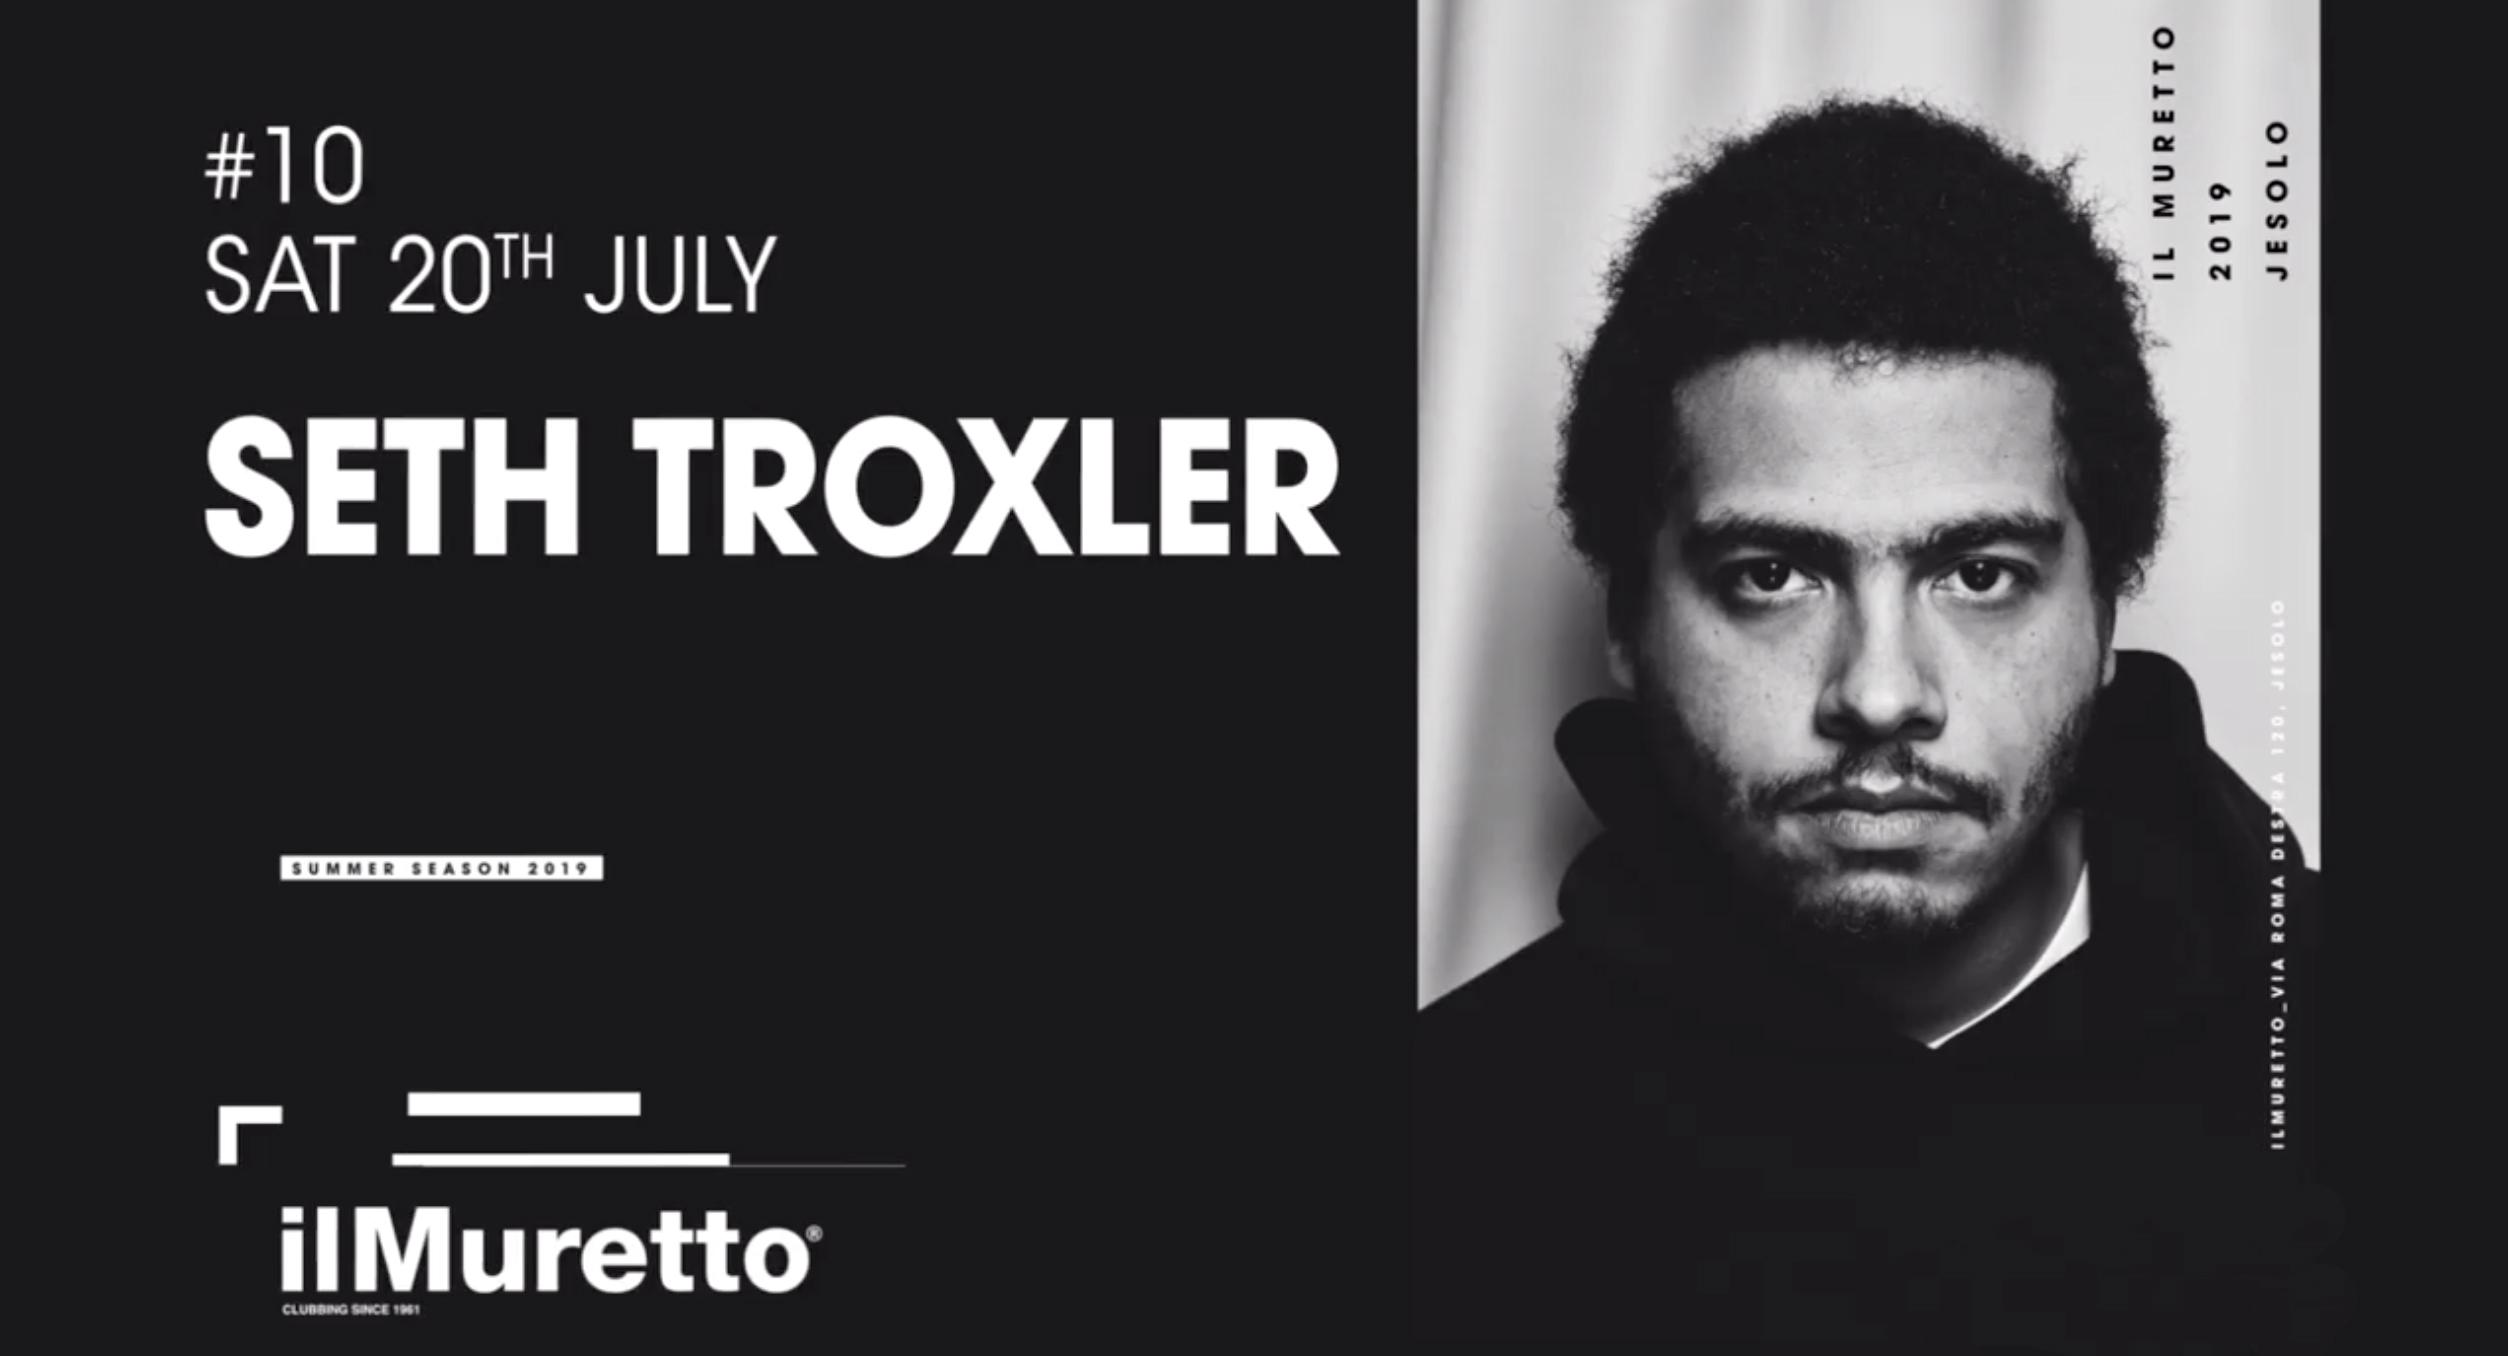 SETH TROXLER @ Il Muretto Jesolo 20 Luglio 2019